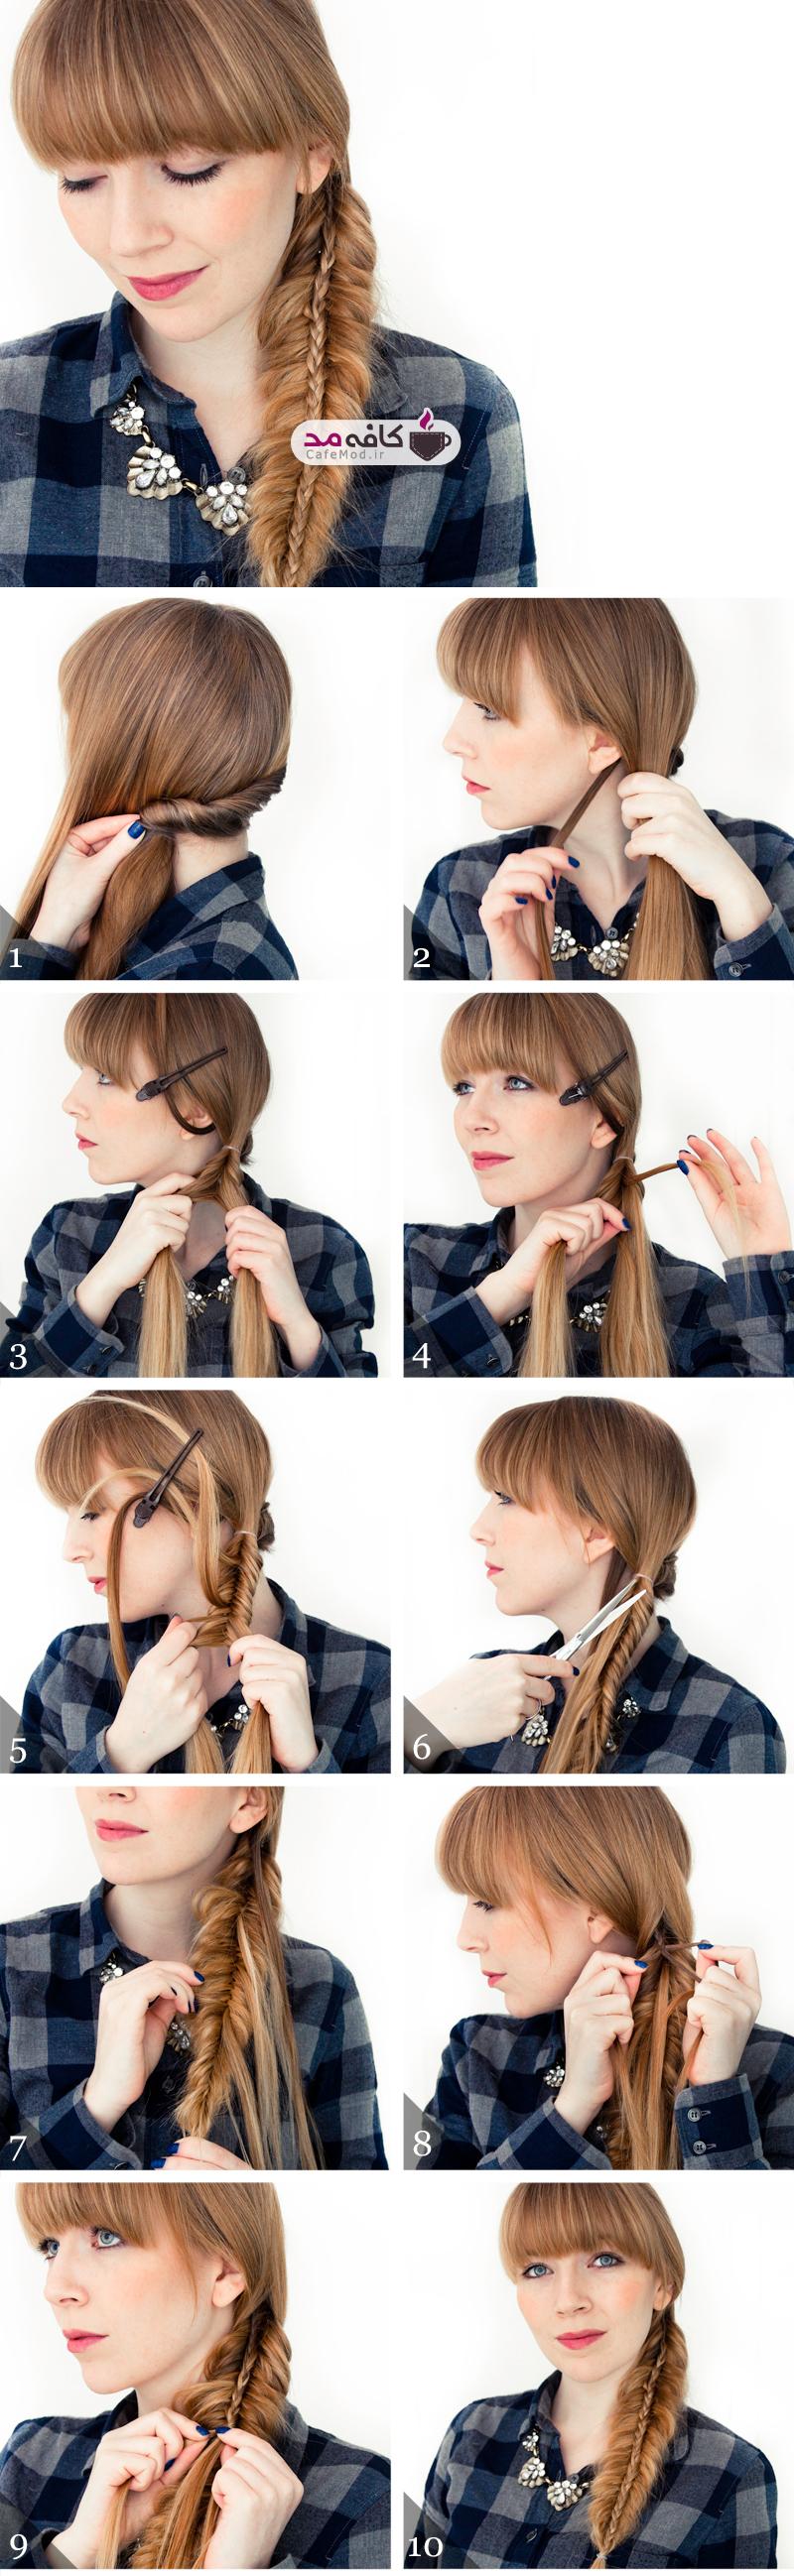 آموزش آرایش و بافت مو